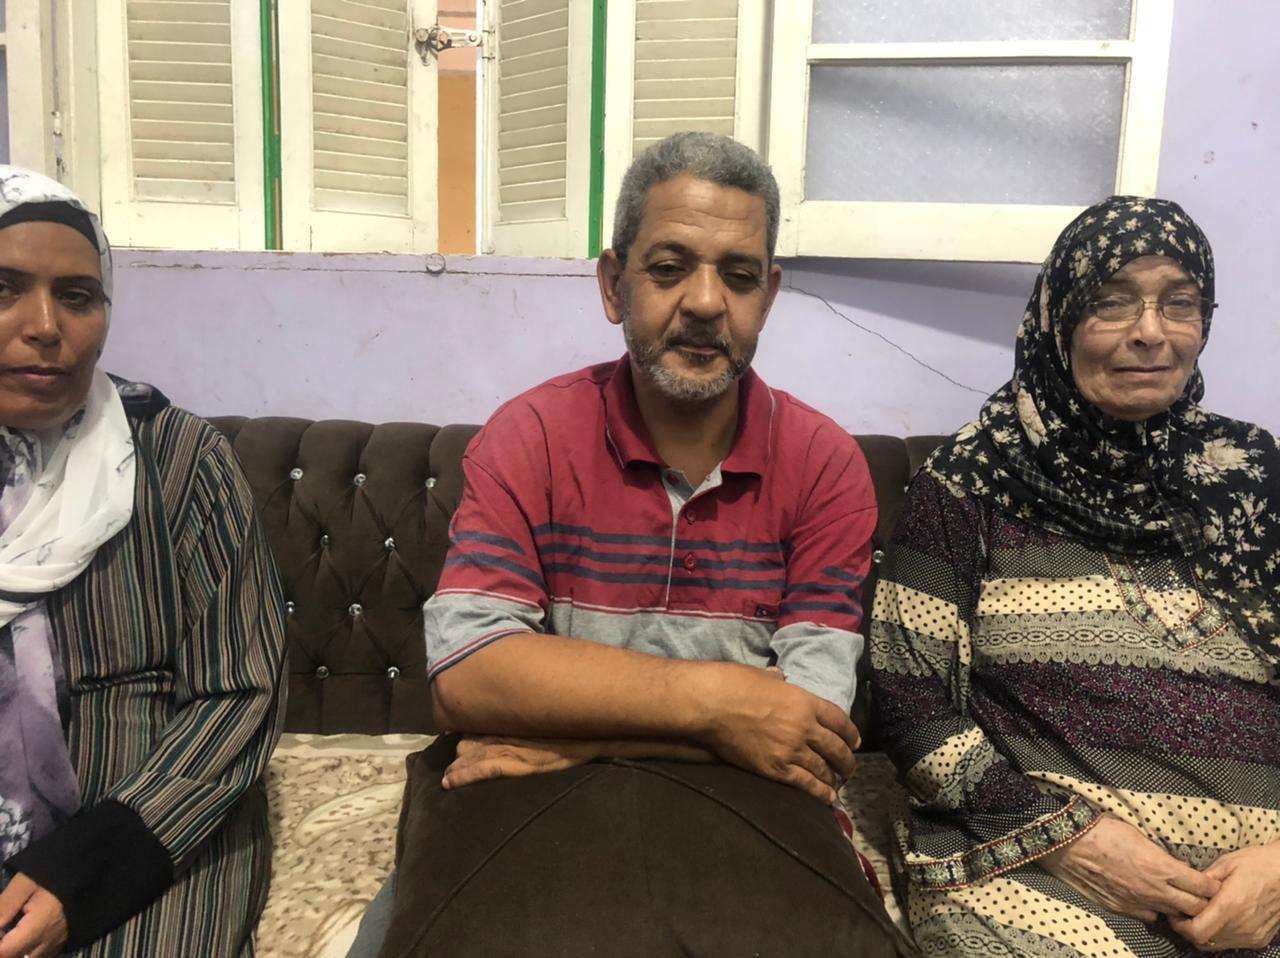 والدة مريم فوجئنا بغيابها عن المنزل وإعادة الشرطة لها من القاهرة